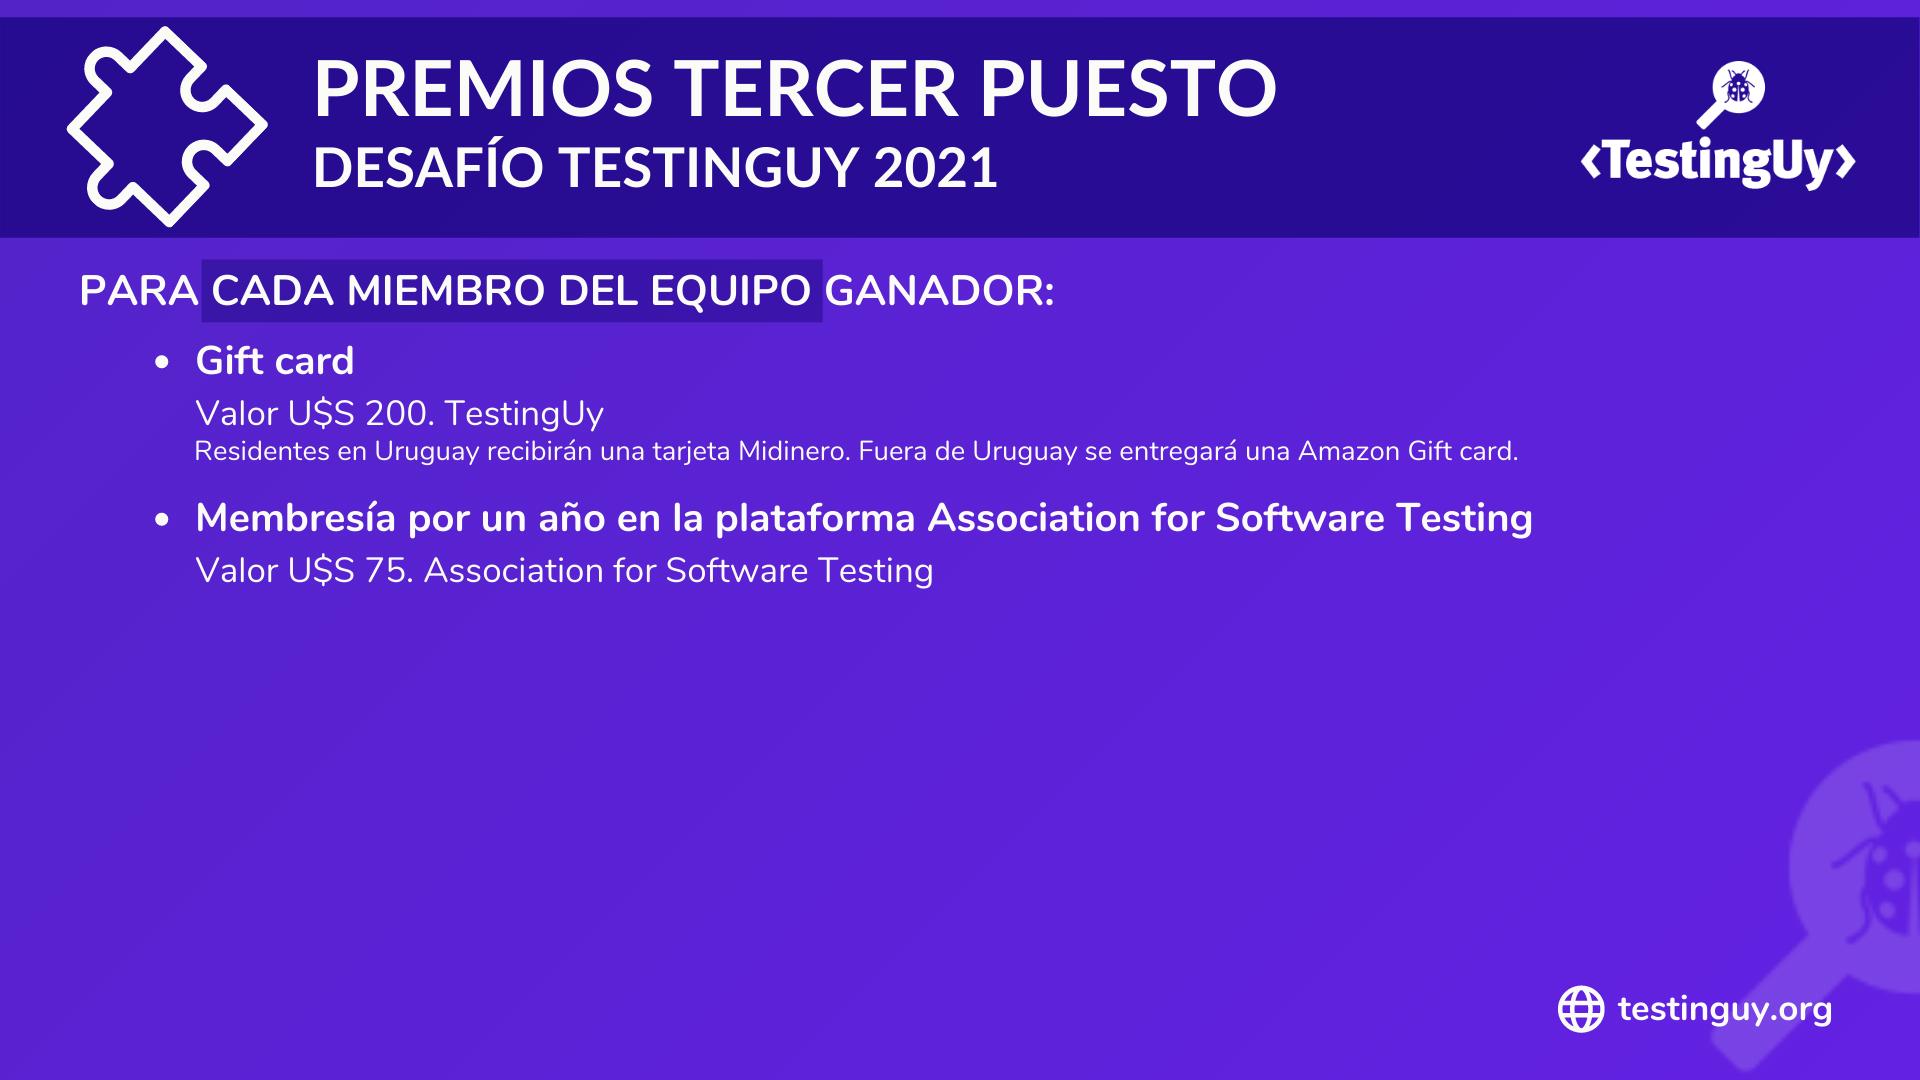 Desafio TestingUy 2021 - Premios Tercer puesto